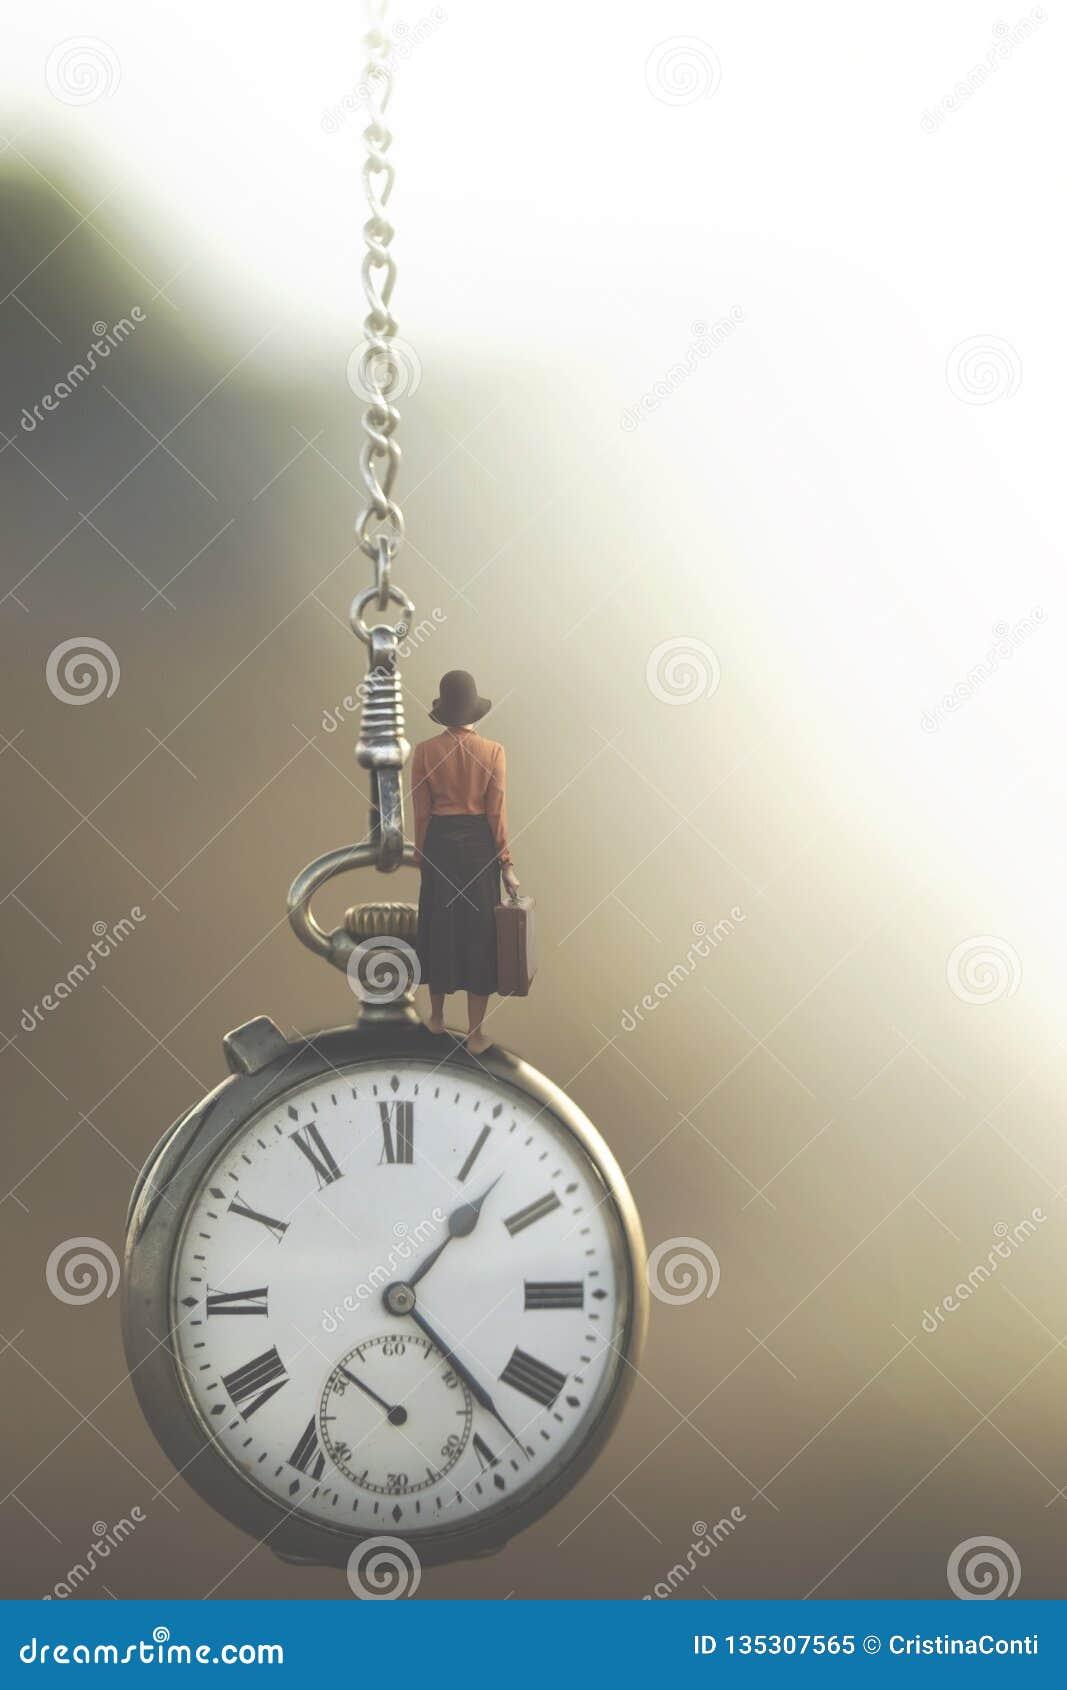 Υπερφυσική εικόνα μιας επιχειρησιακής γυναίκας που ταξιδεύει υπό έλεγχο του fast-flowing χρόνου